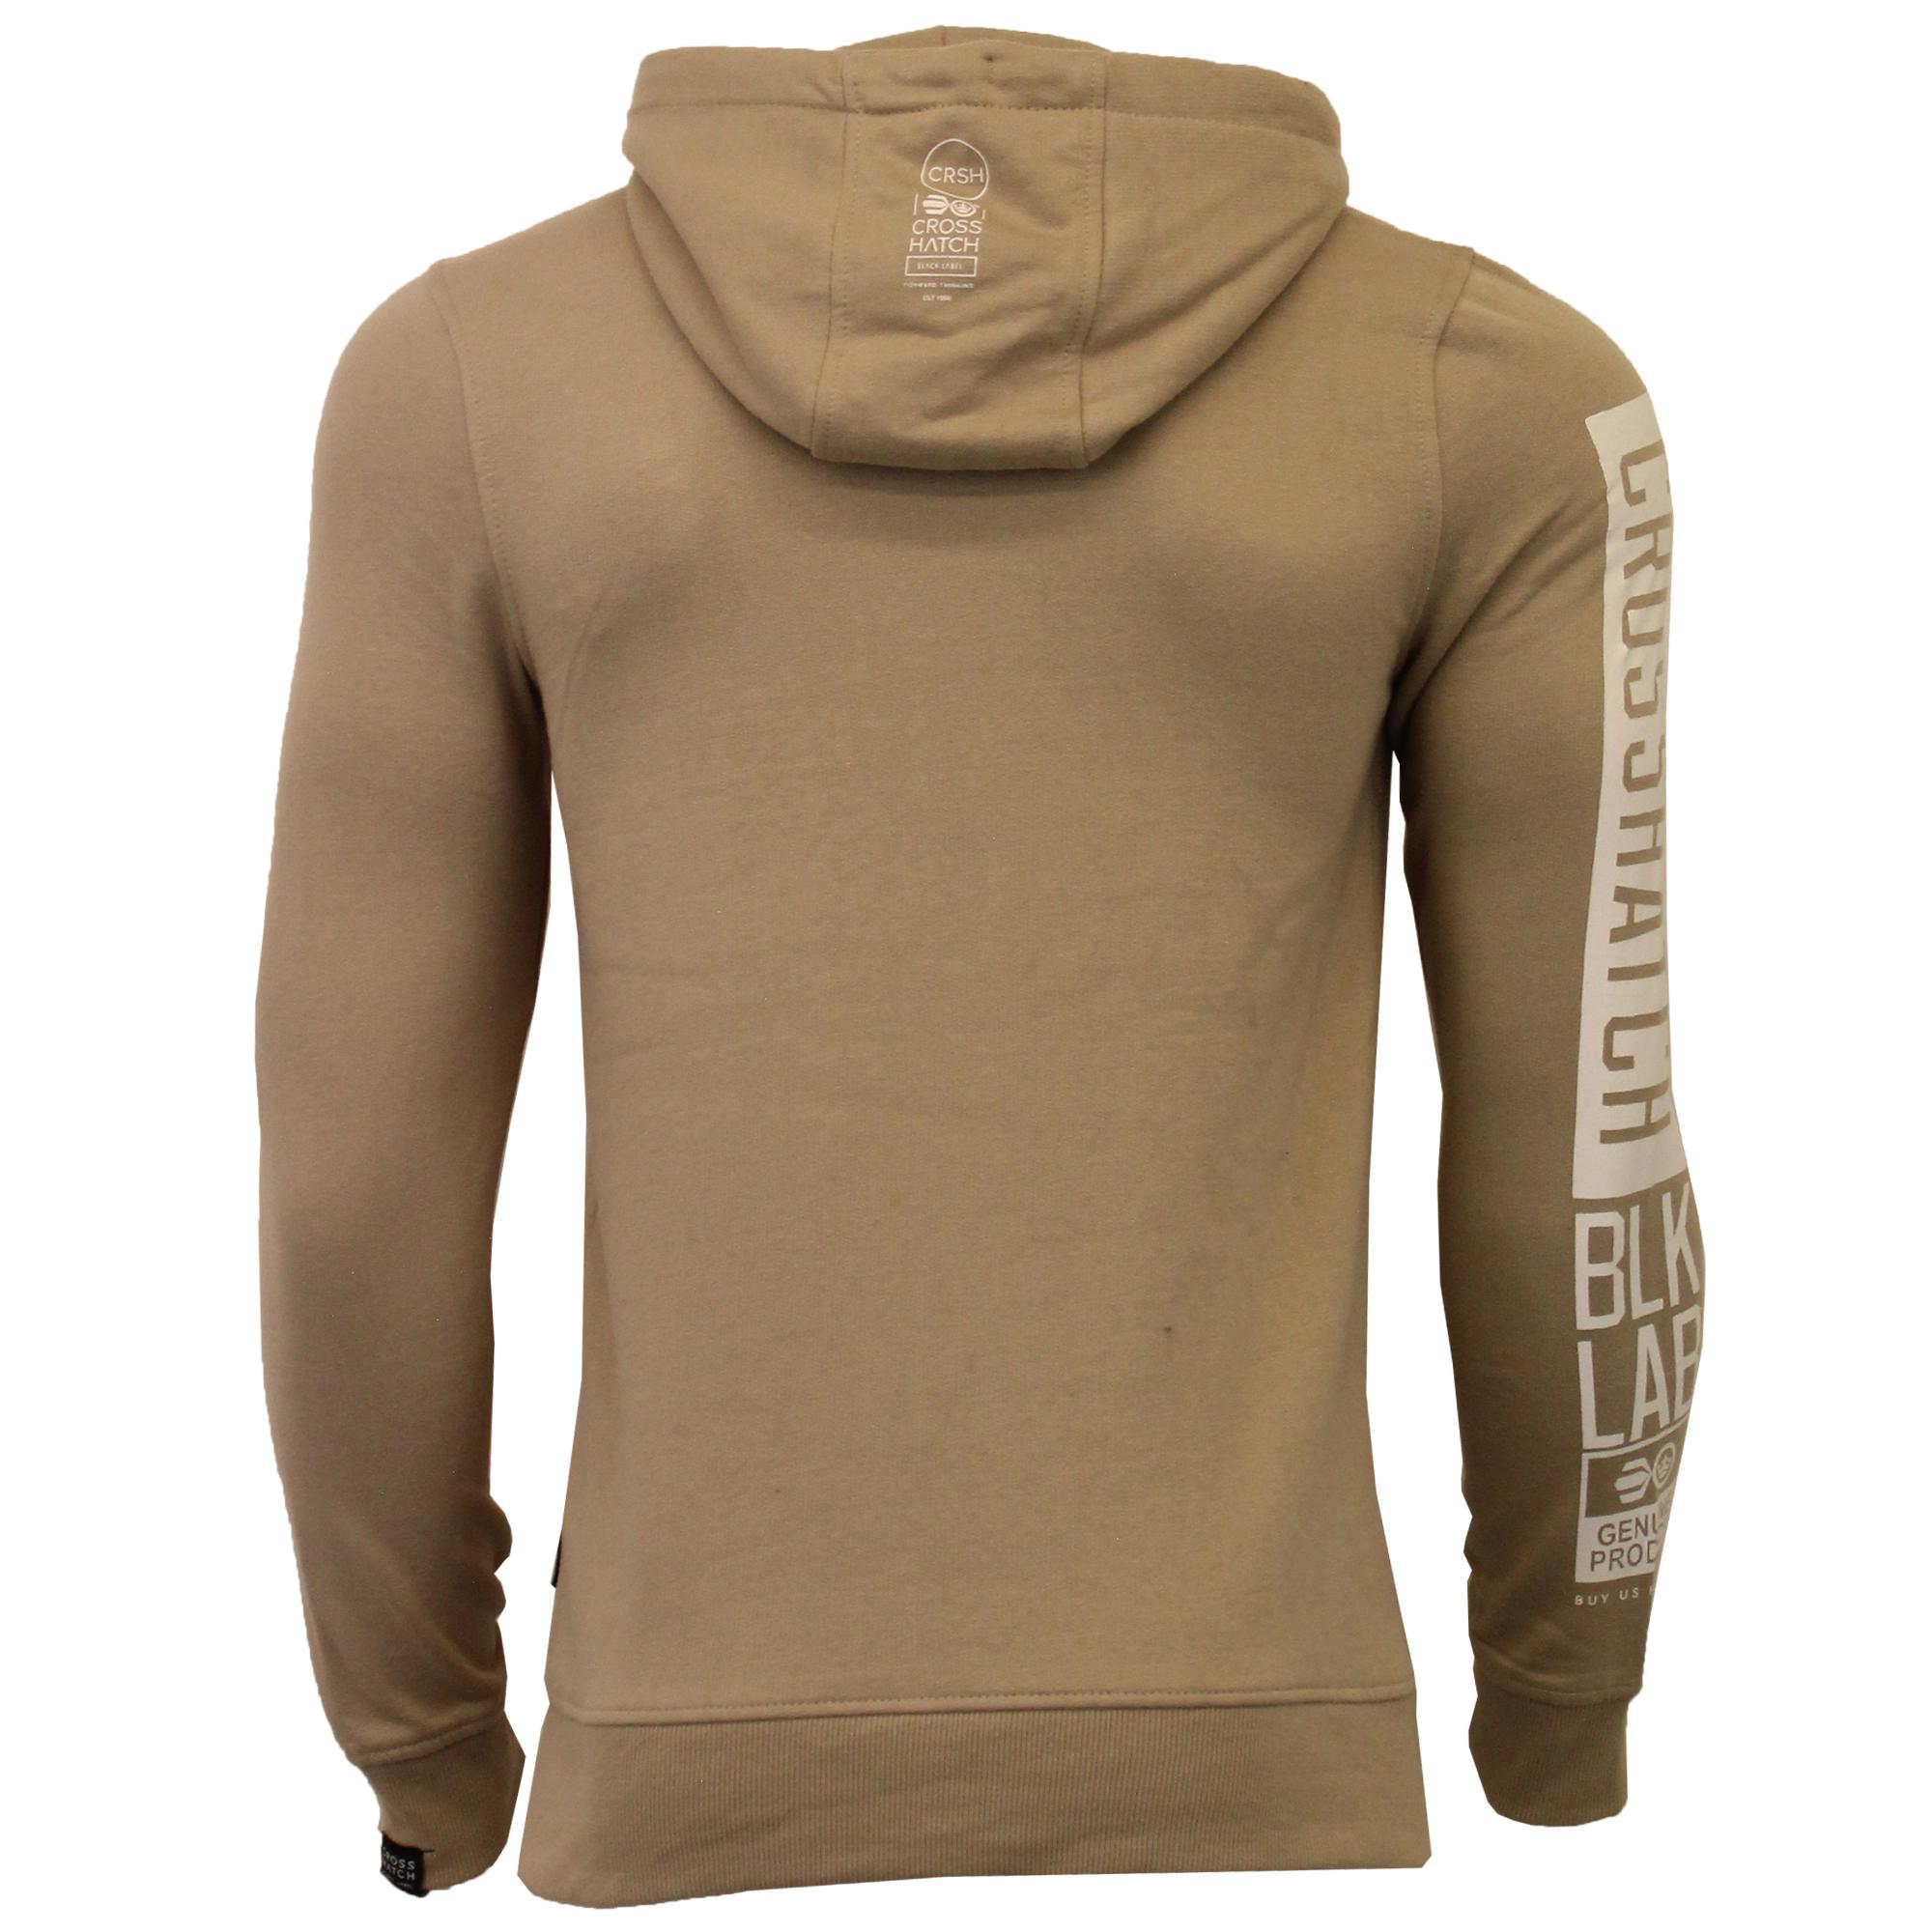 Mens-Sweatshirt-Crosshatch-Over-The-Head-Hoodie-Printed-Zip-Pullover-Top-Fleece thumbnail 24